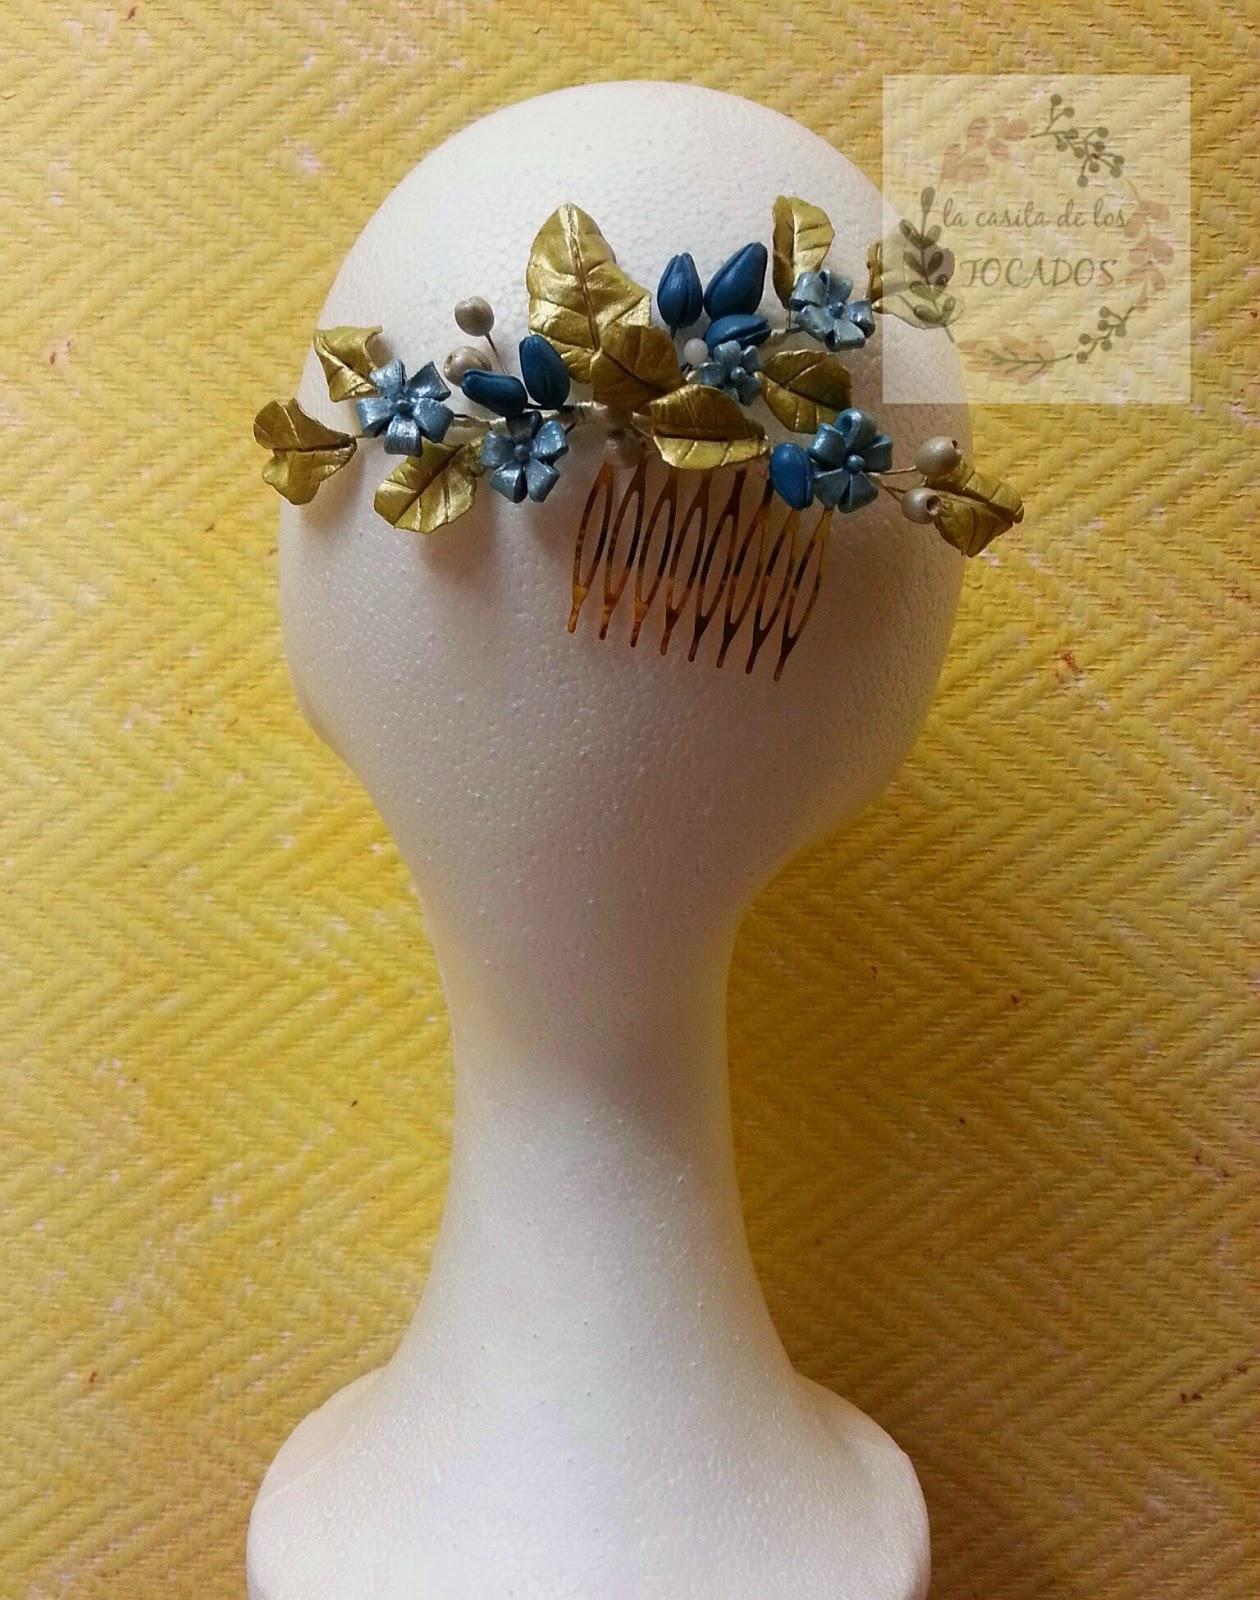 peineta artesanal realizada en porcelana fría en colores dorado y azul turquesa